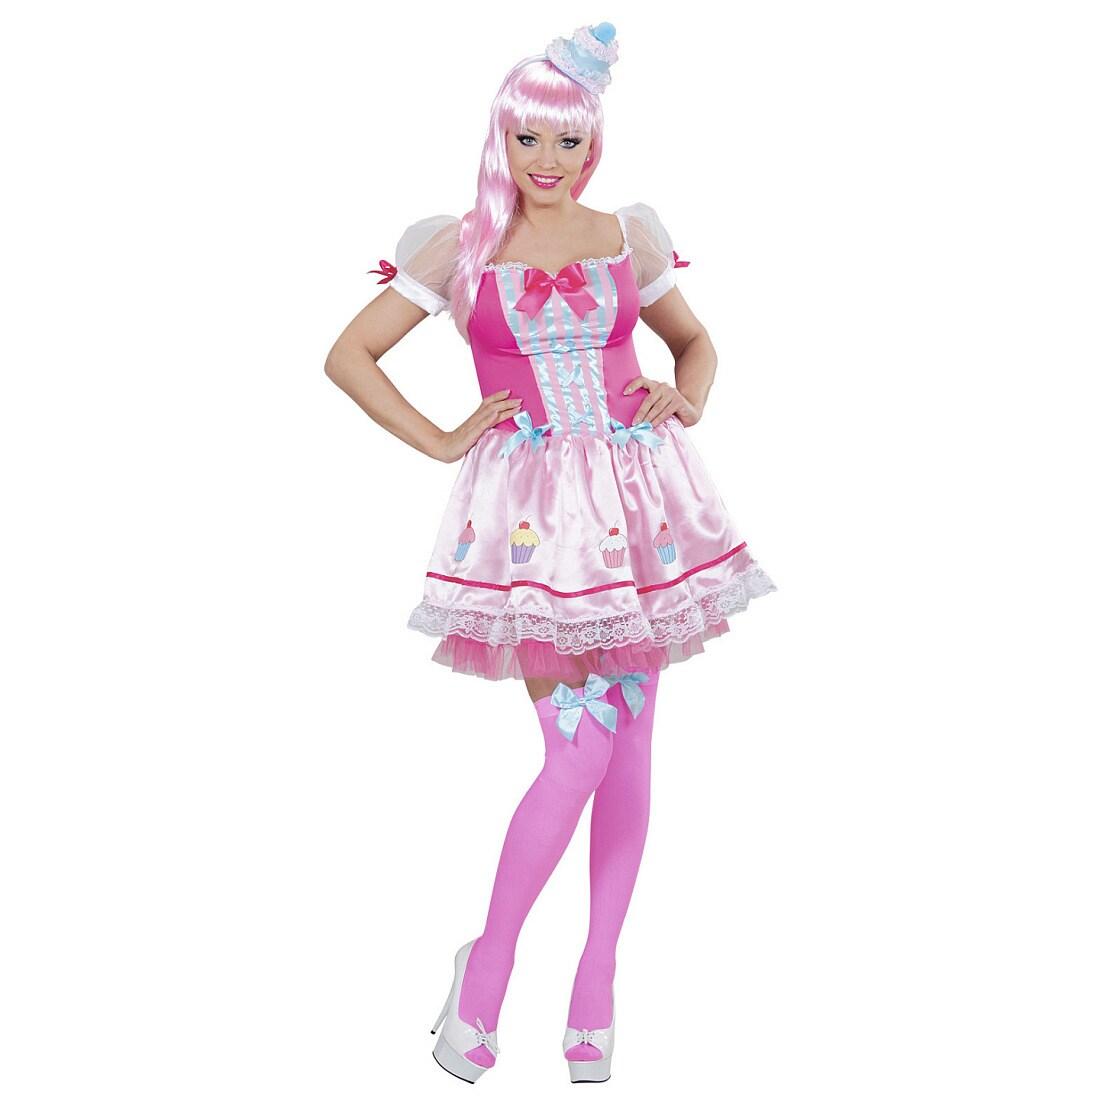 Wunderschönes Cupcake Kostüm für Frauen Pink-Weiß, 29,99